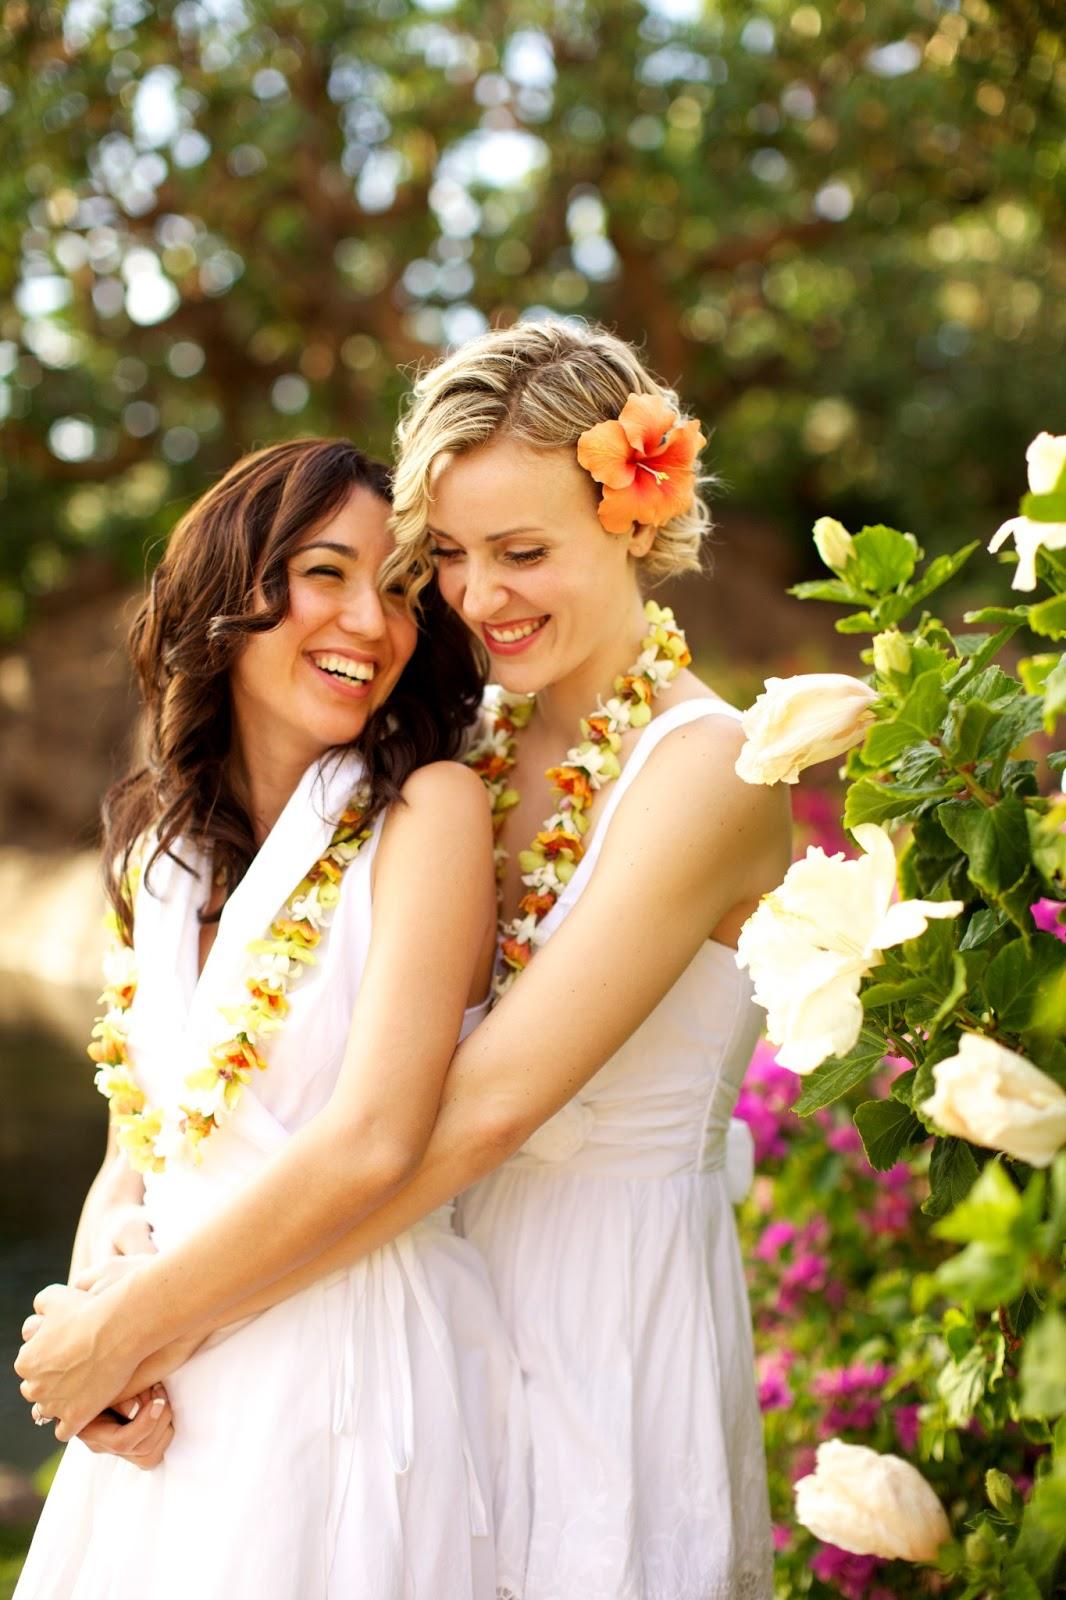 Гей свадьба невеста бесплатно фото 237-253